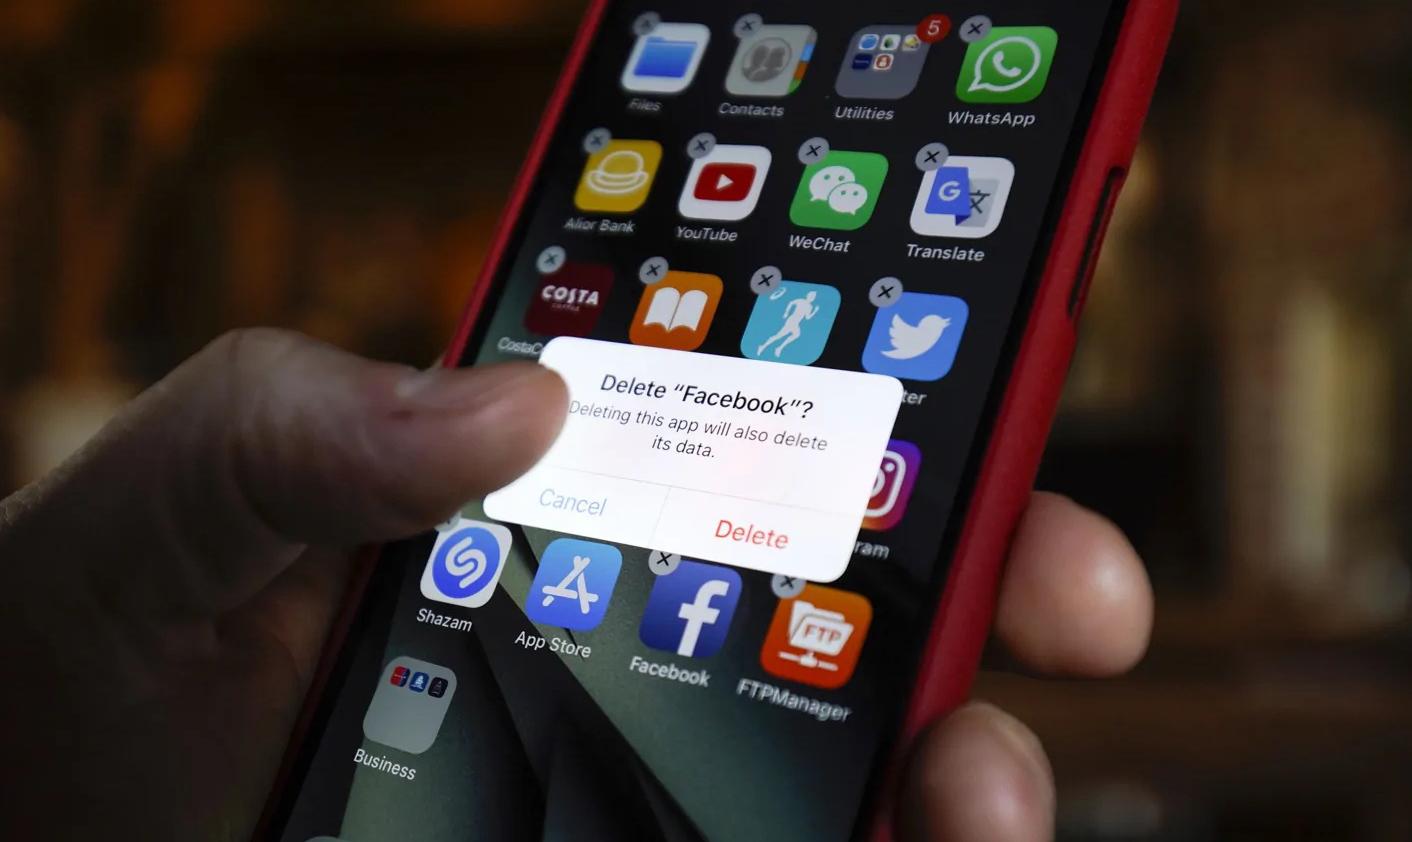 Apple đã dọa xóa ứng dụng Facebook sau khi nền tảng này không loại bỏ triệt để nội dung buôn người. Ảnh: Mashable